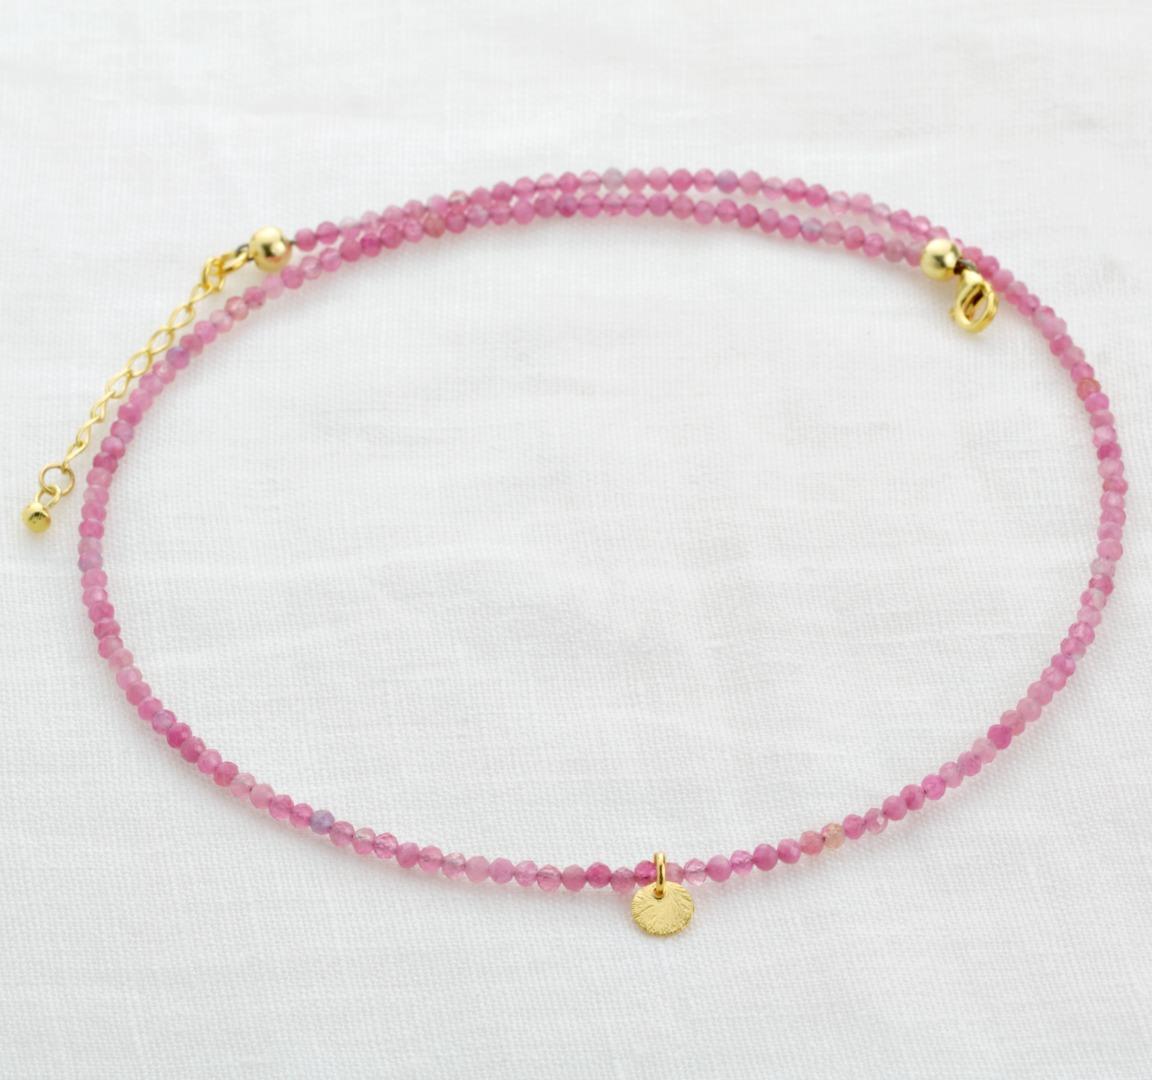 Feine Edelstein-Halskette Damen aus echtem Pink